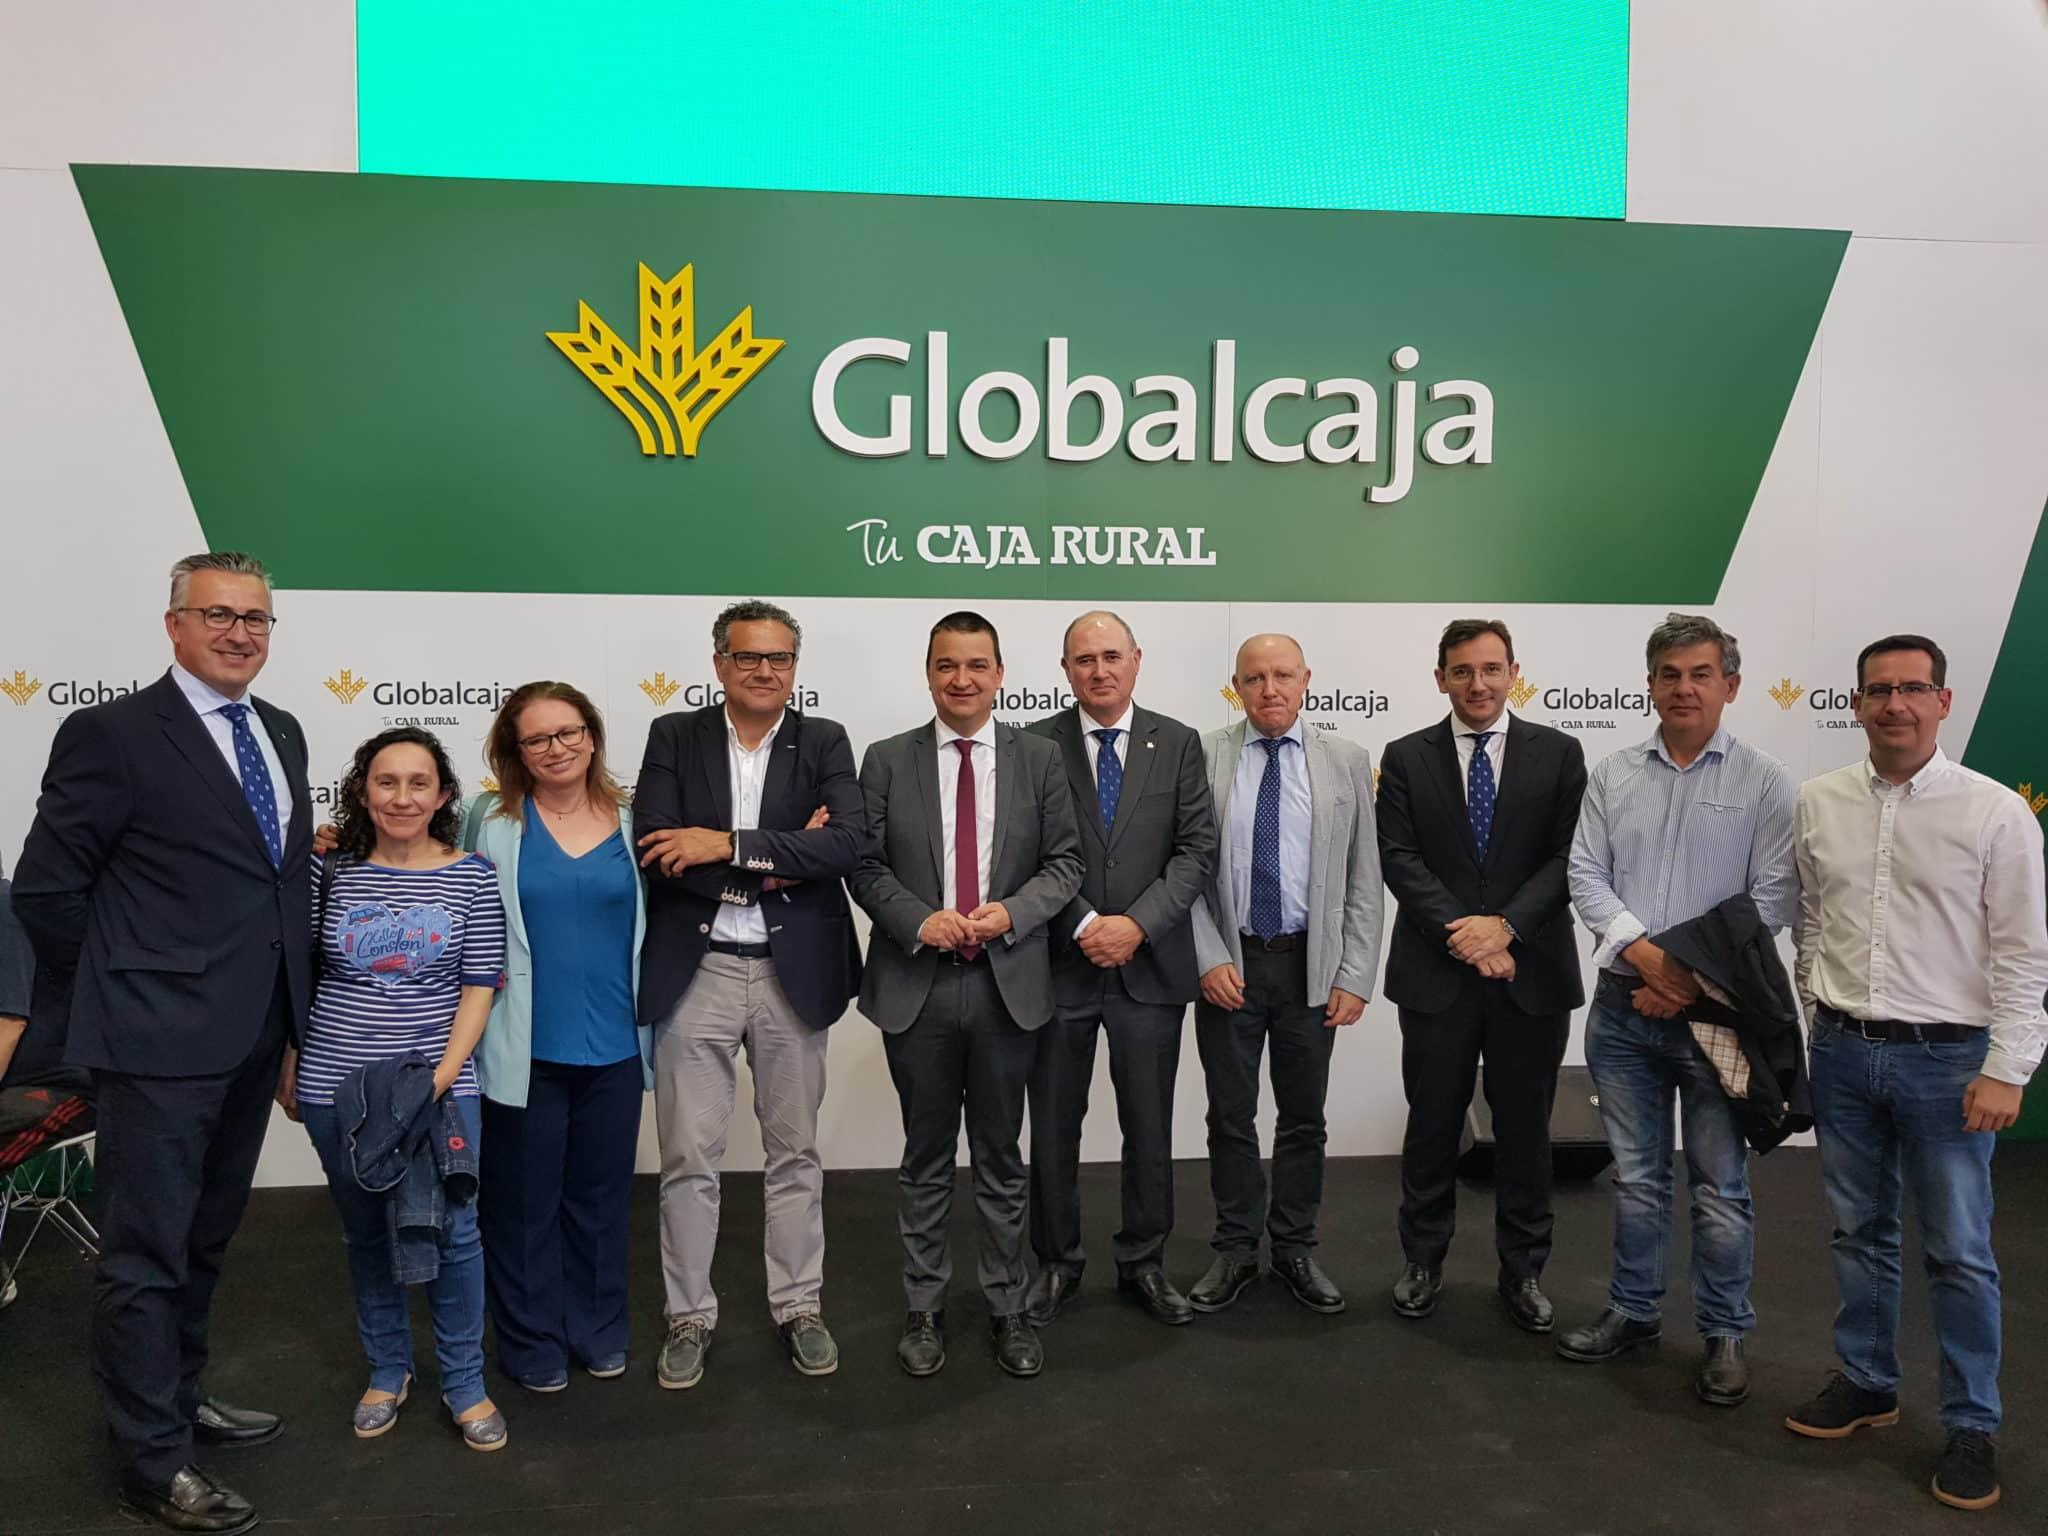 https://blog.globalcaja.es/wp-content/uploads/2019/05/Globalcaja-en-Expovicaman-Gandarea.jpg